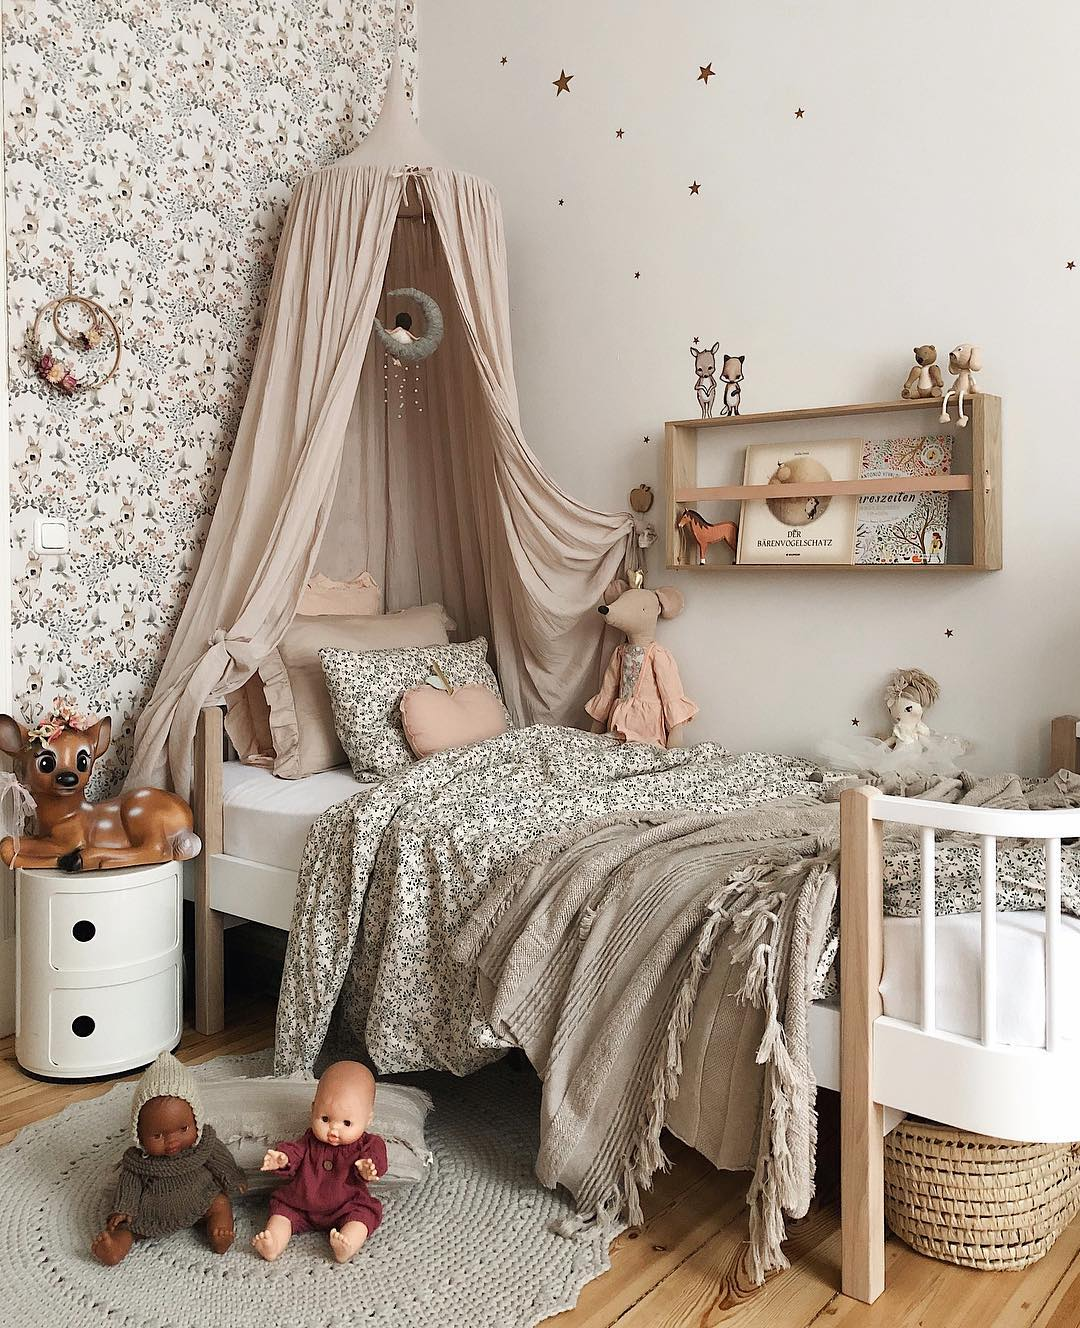 jak stylowo urządzić pokój dla dziecka